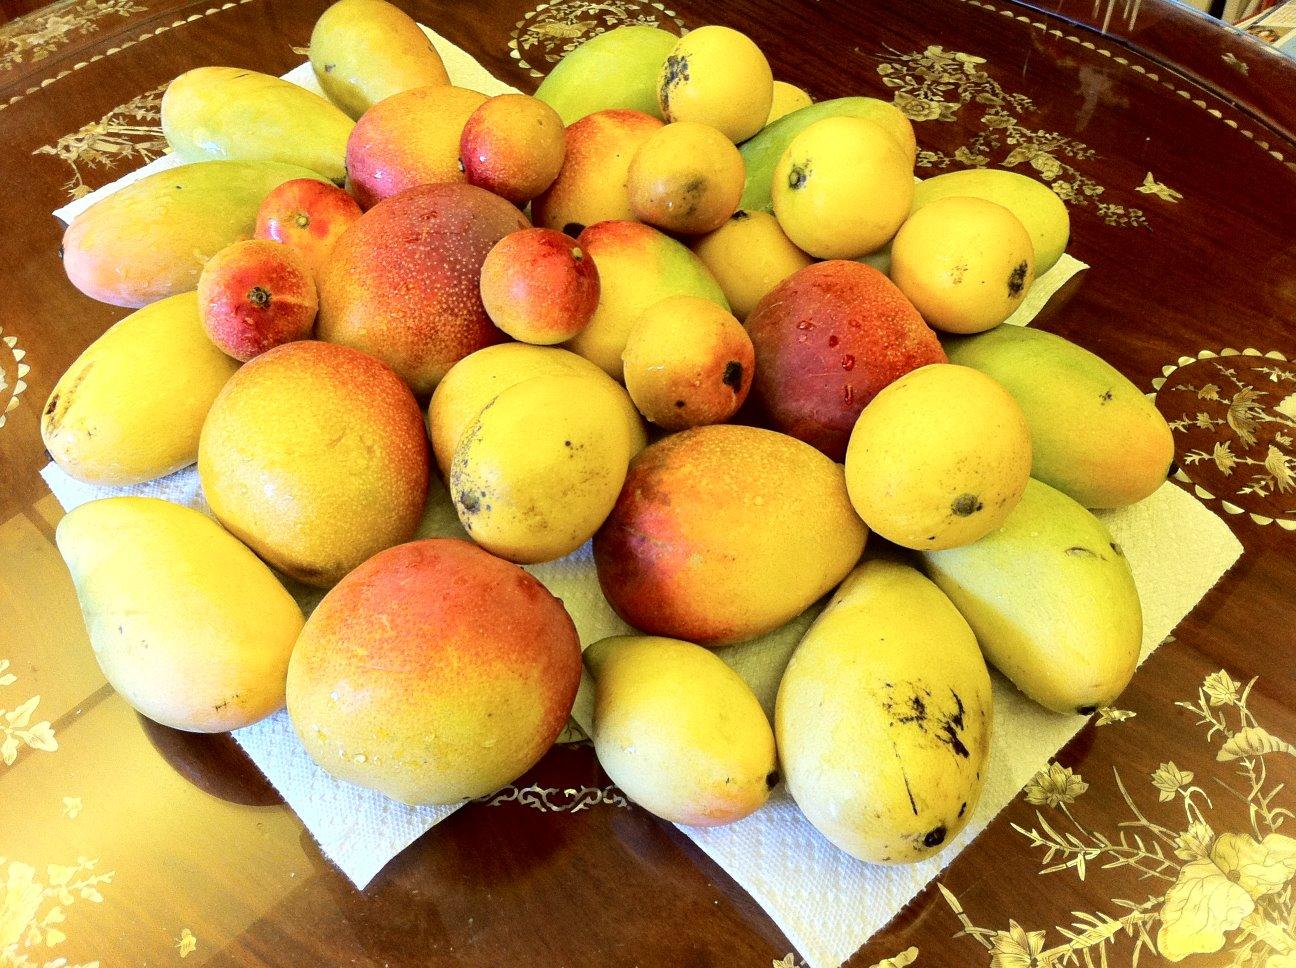 Mangos, Again